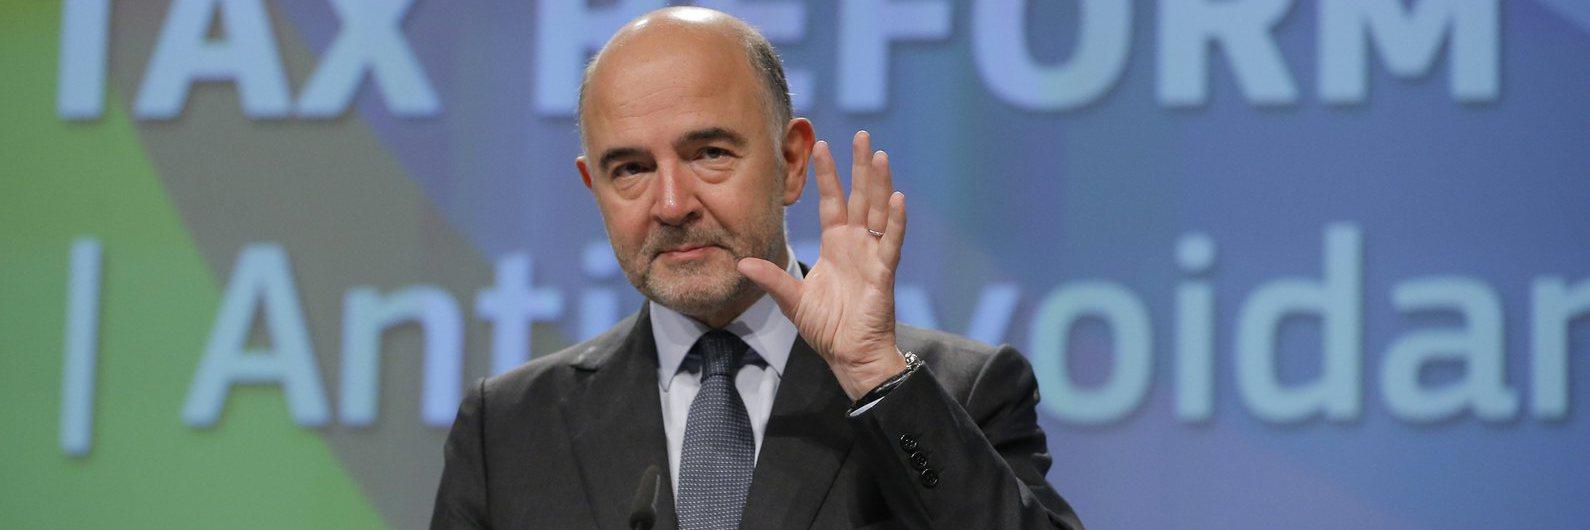 Eurogrupo não está a pensar numa expansão fiscal para a zona euro em 2017